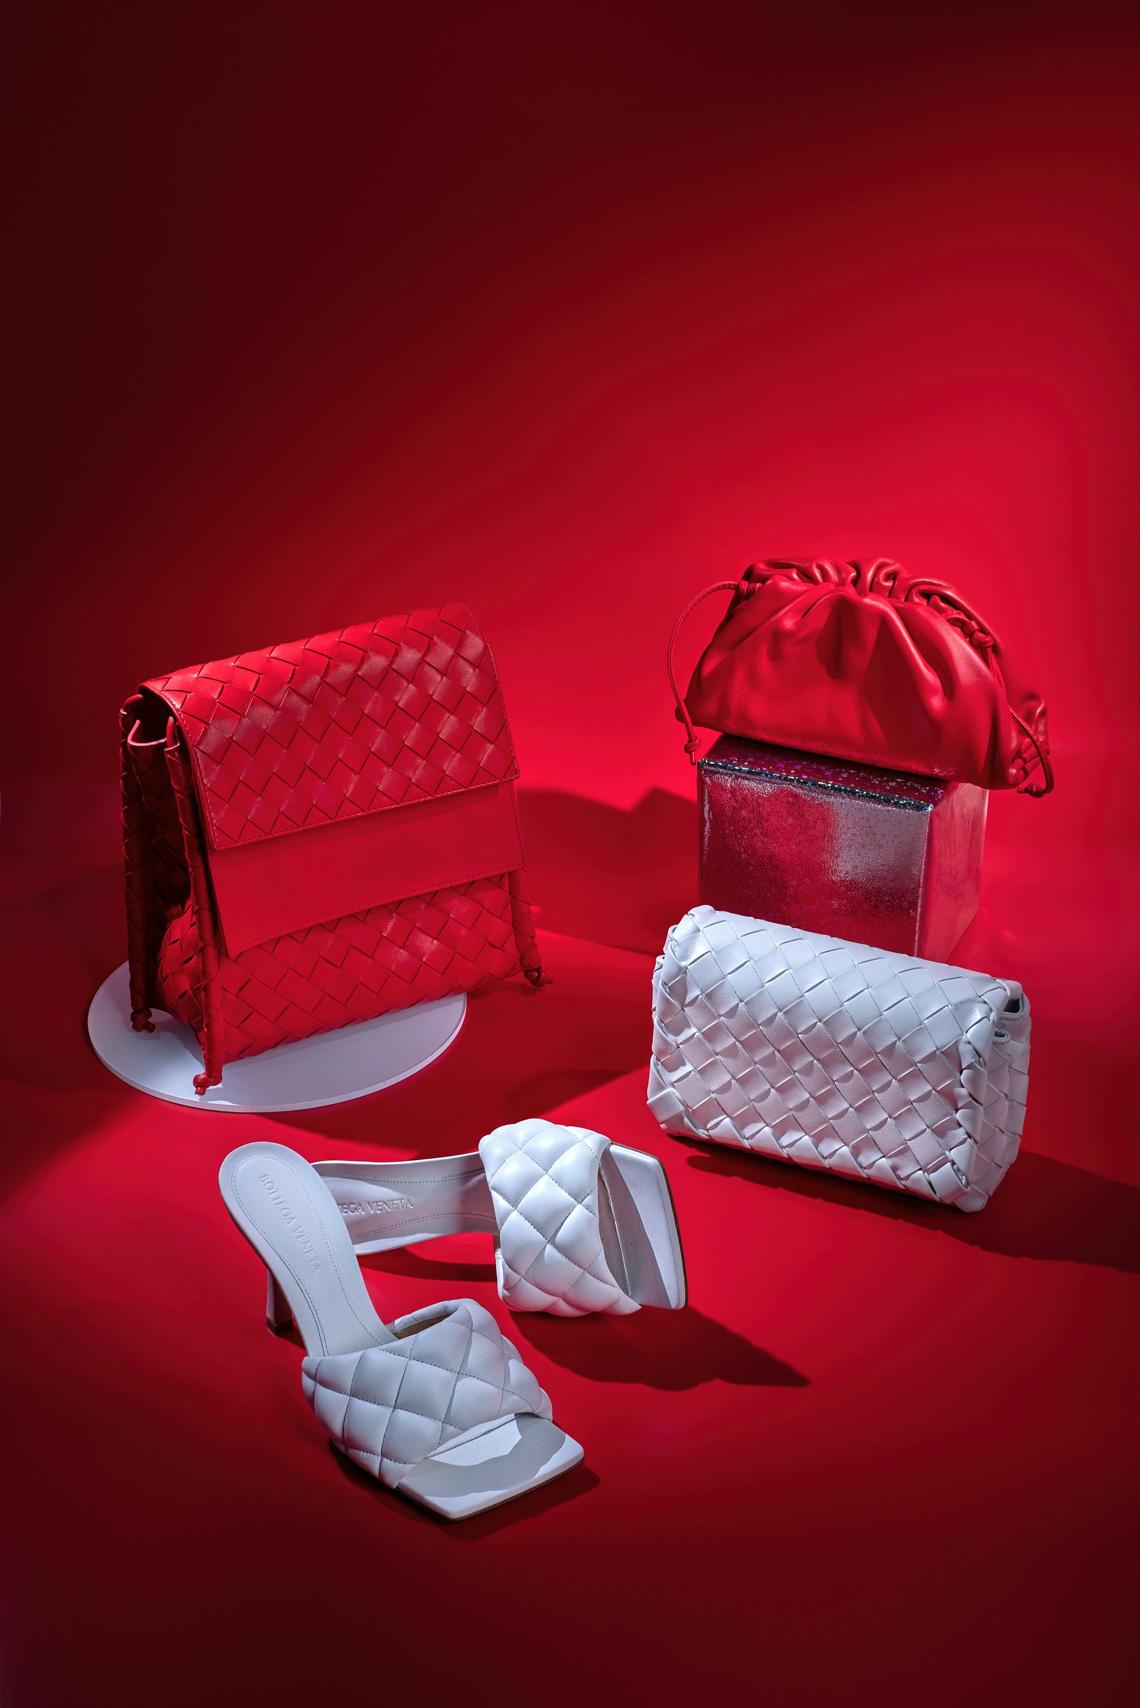 Từ Bottega Veneta: Tag ngay nửa kia vào 4 gợi ý quà Noel cho quý cô yêu thời trang - Ảnh 1.